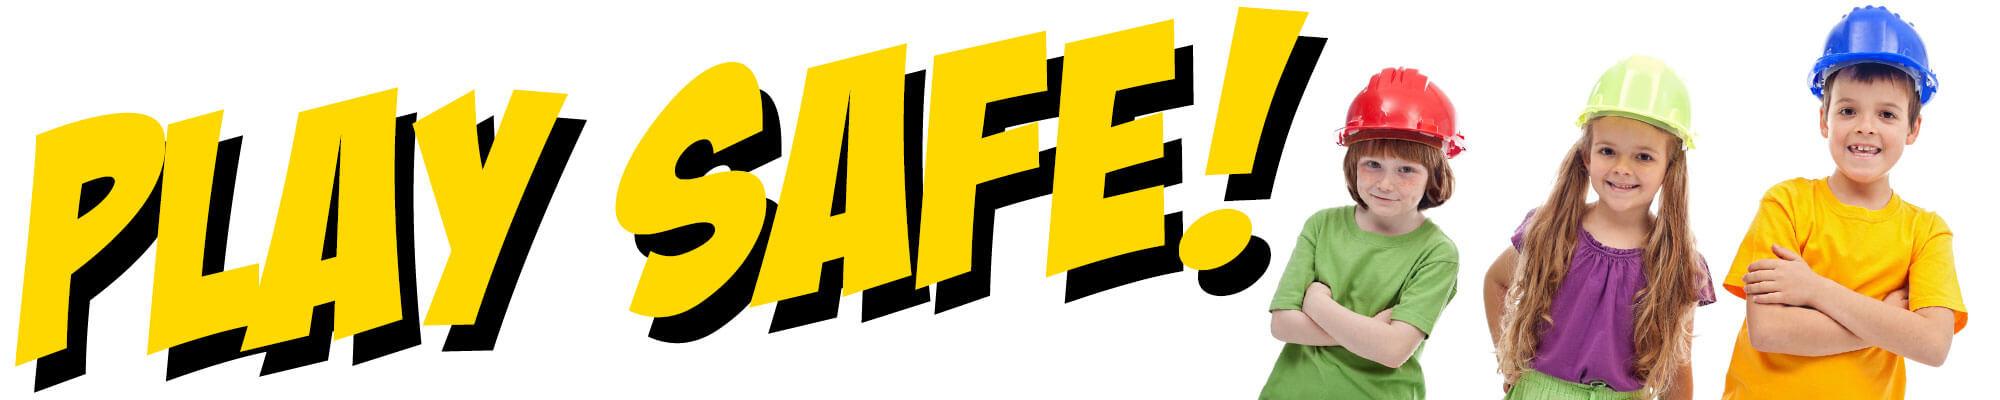 SAFETY-Header_2000x400.jpg